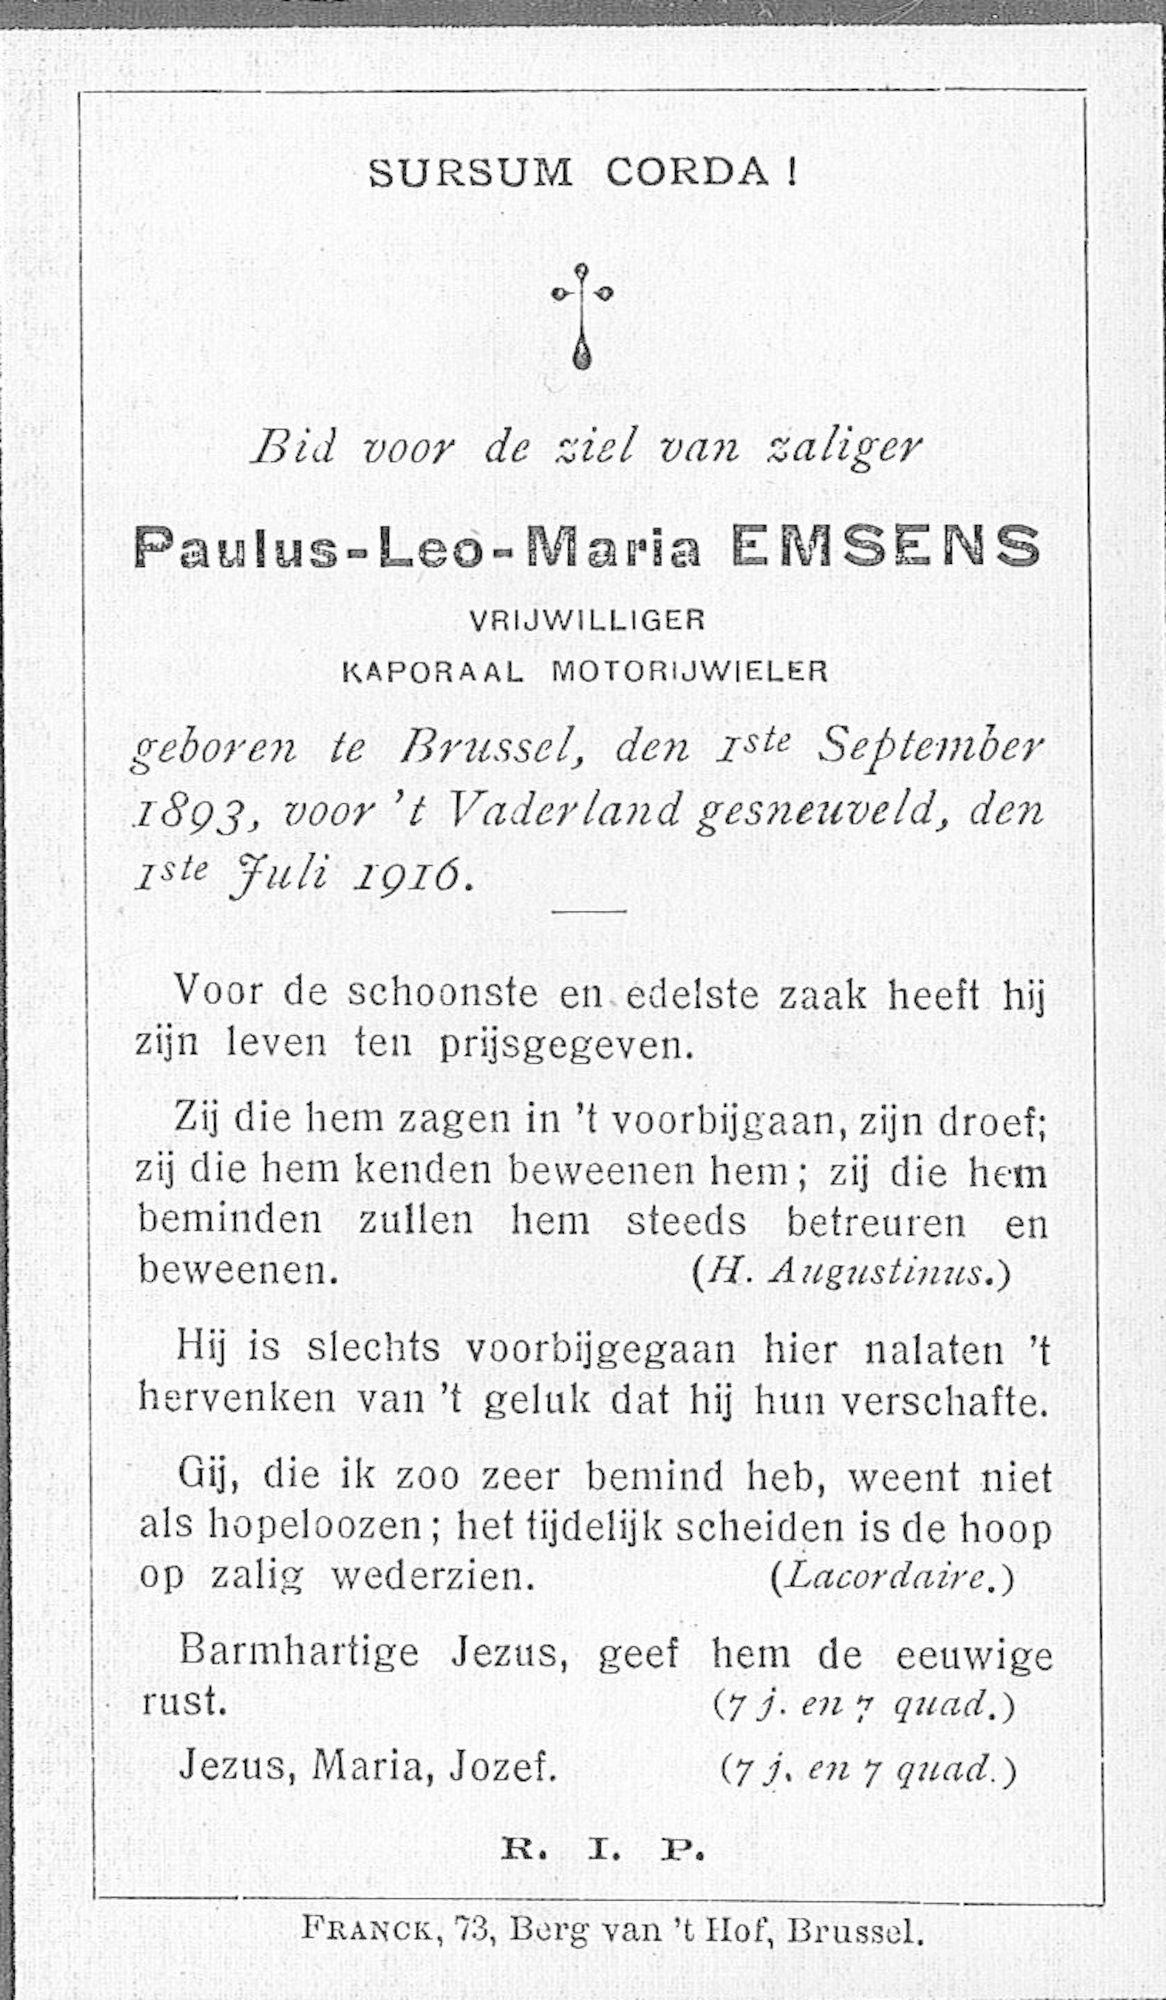 Emsens Paulus-Leo-Maria